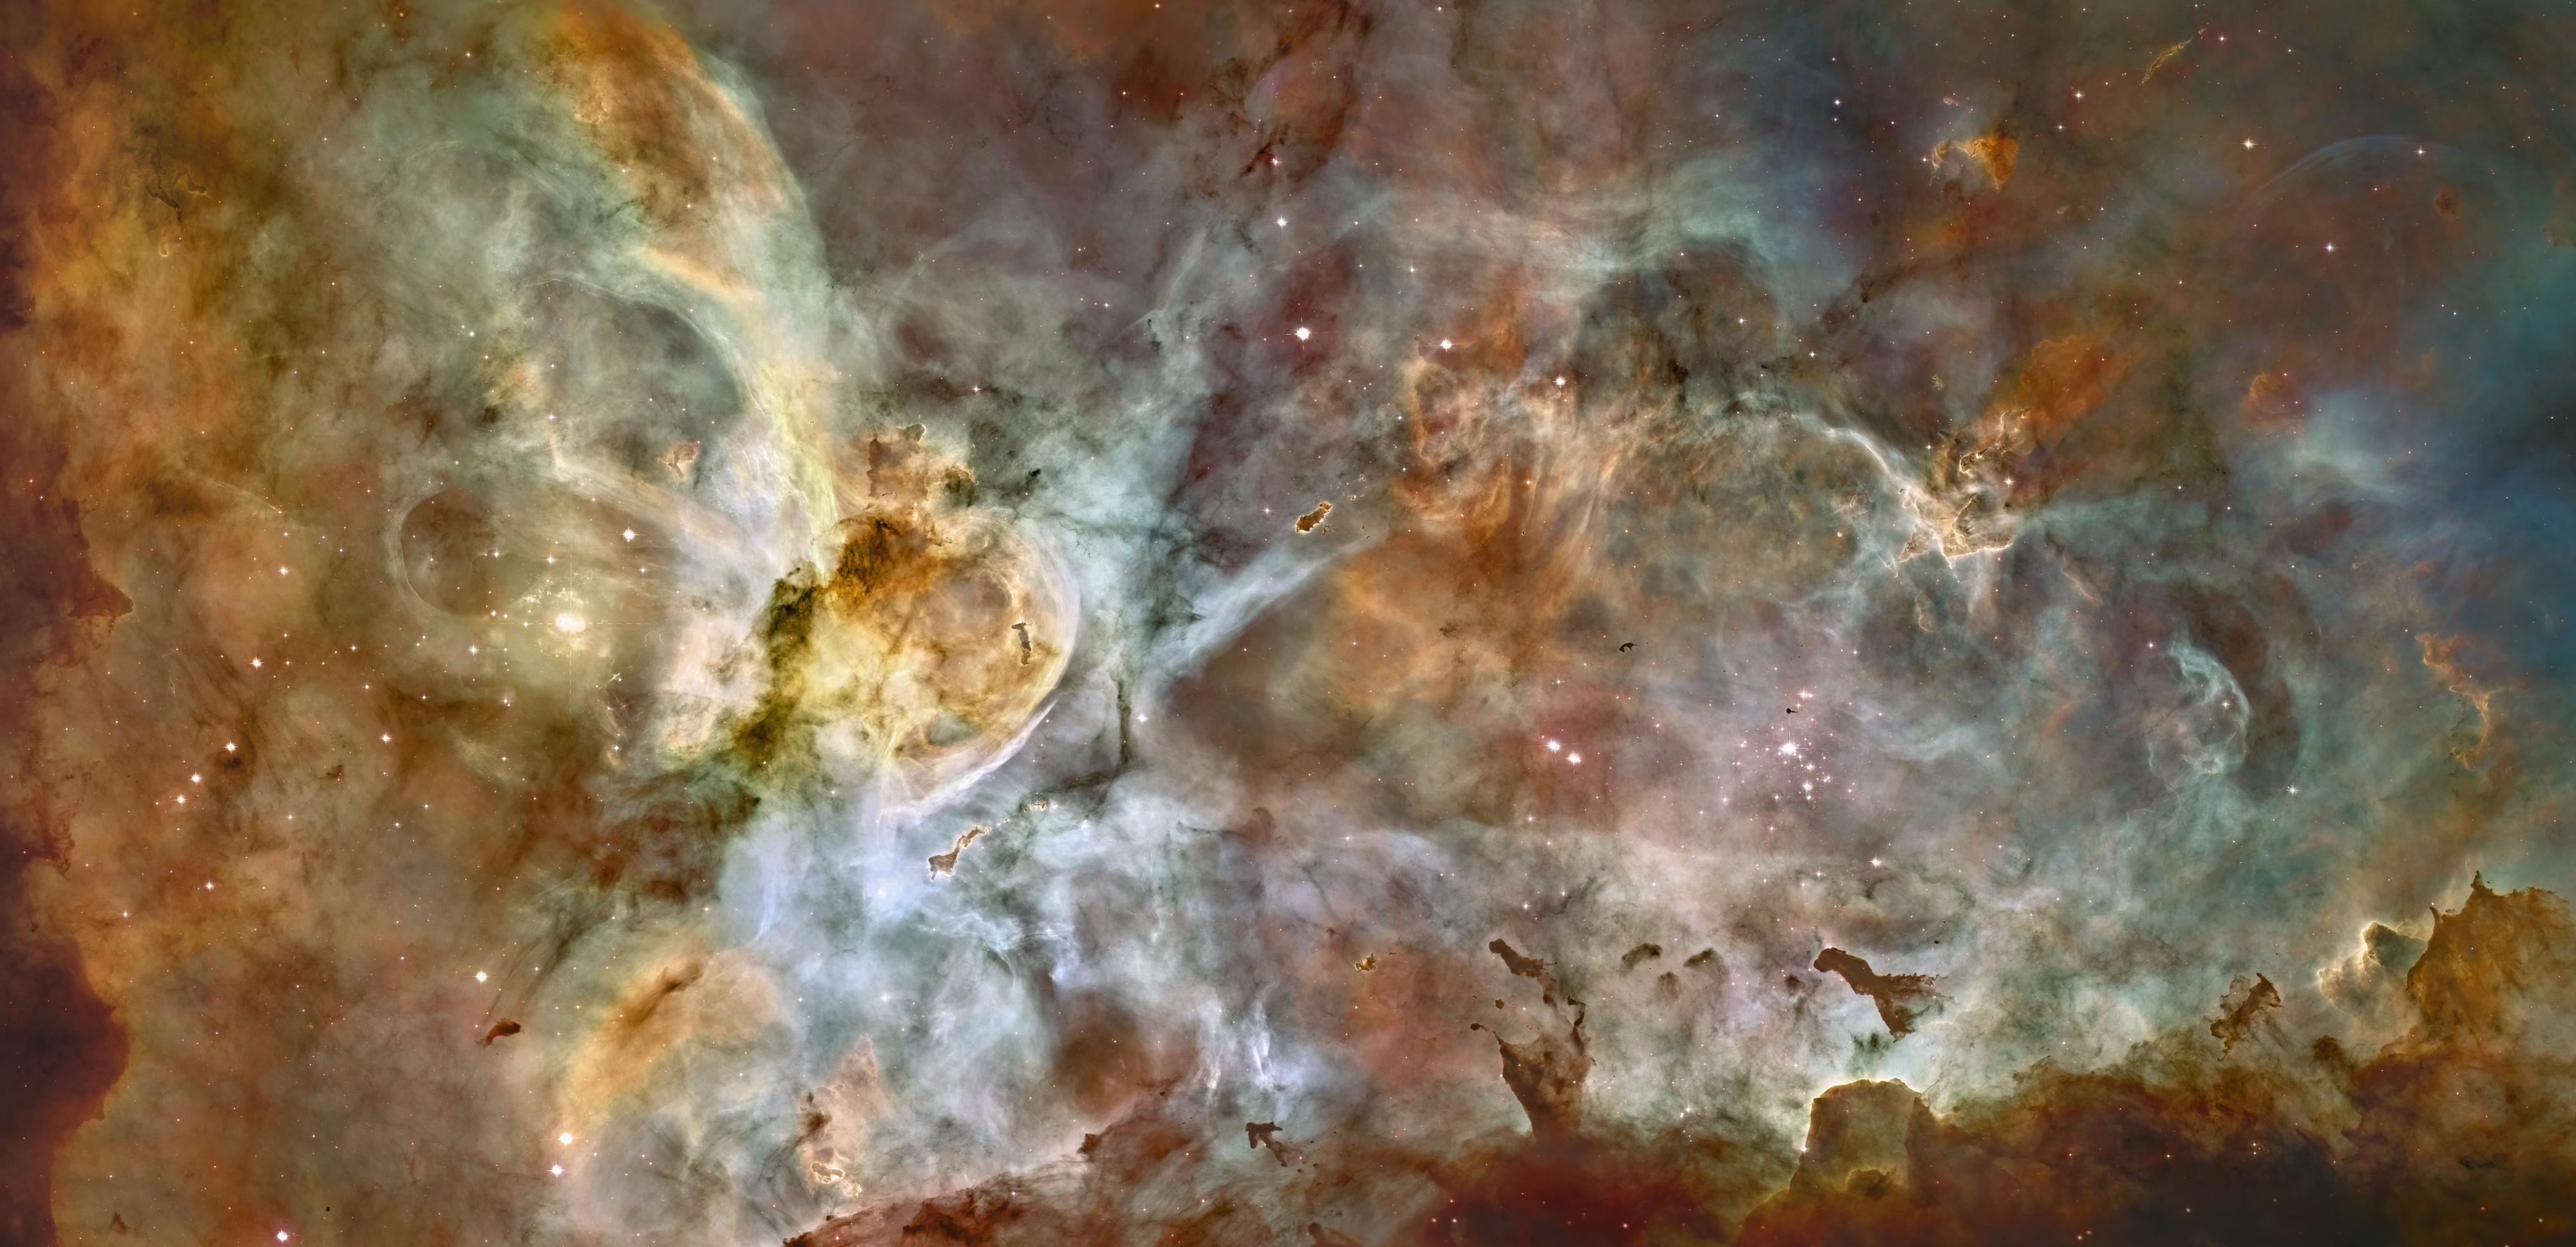 Panorama de la nébuleuse de la Carène par Hubble